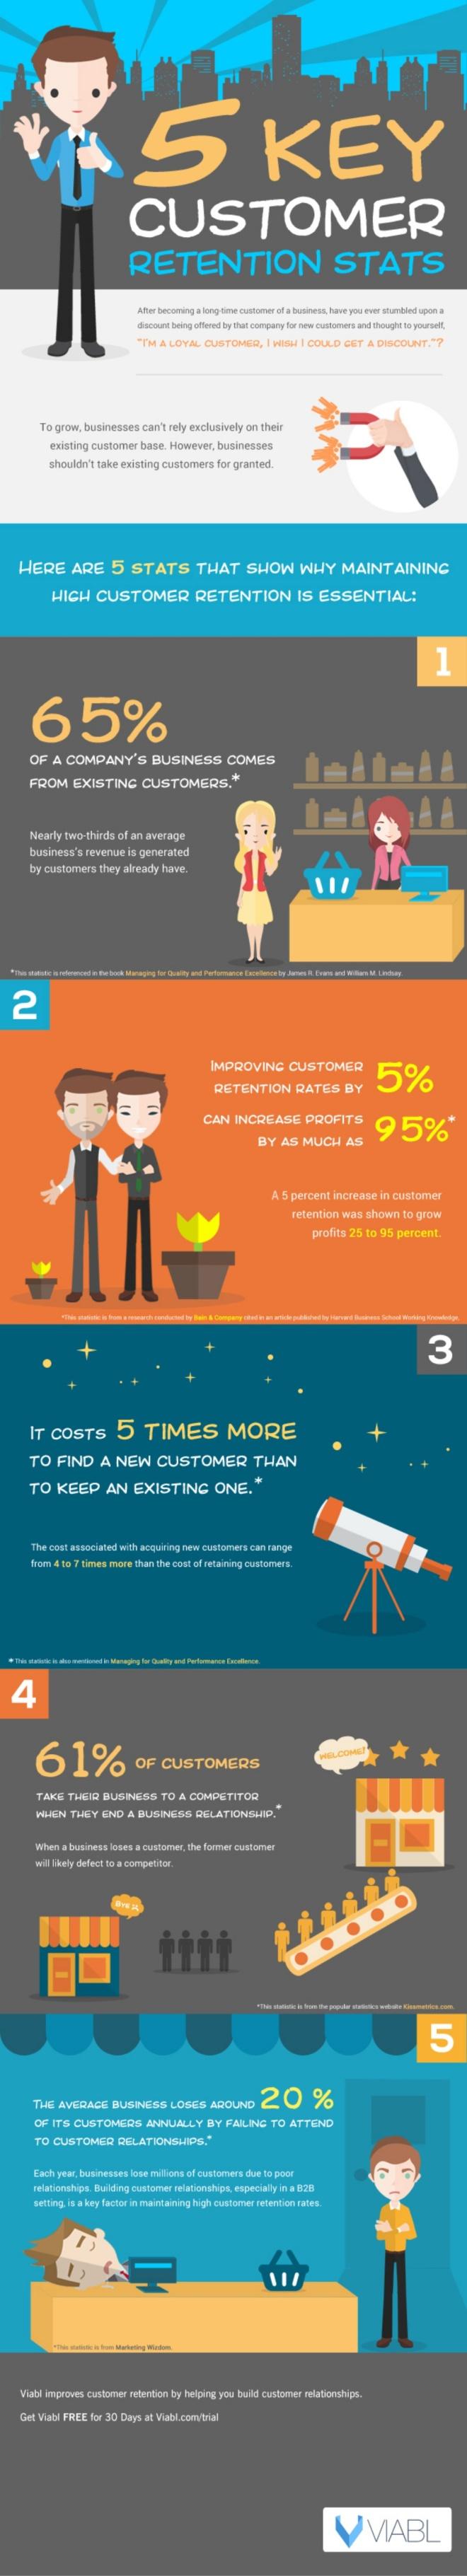 5 claves para retener a tus clientes